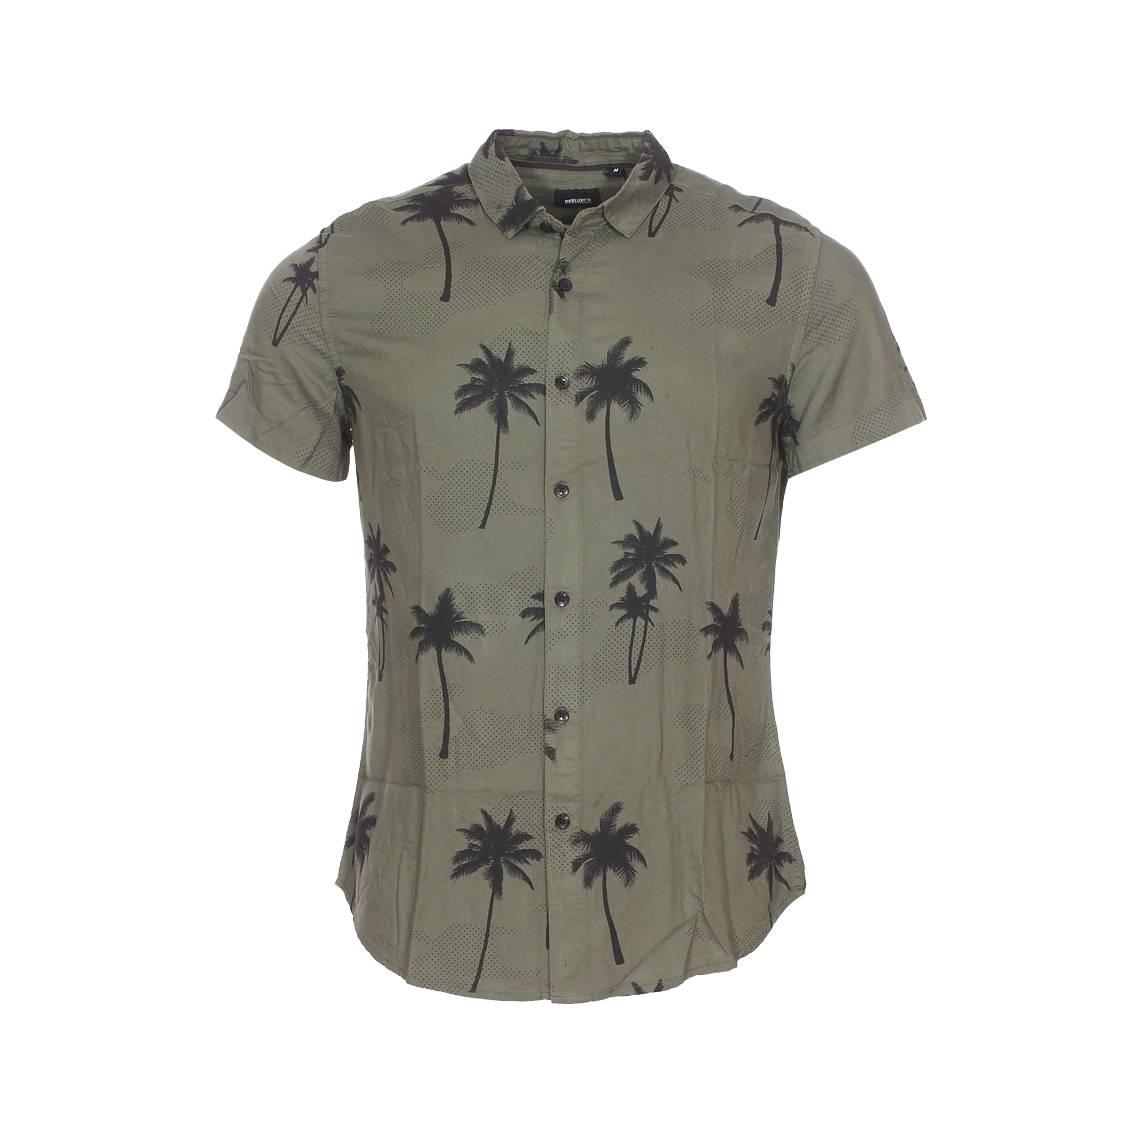 Chemise ajustée manches courtes  prince en coton mélangé léger vert kaki à motifs palmiers et pois noirs